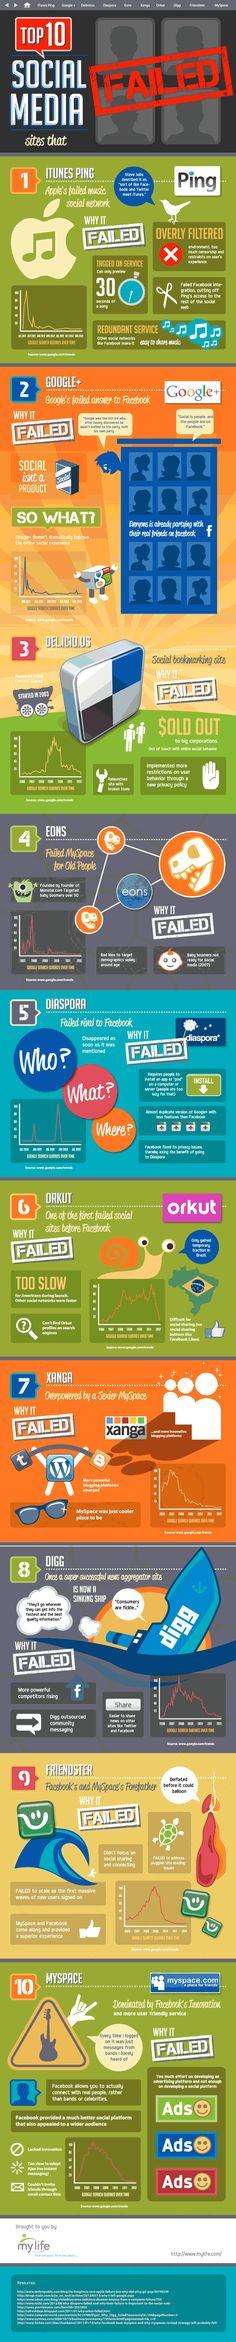 10 Redes Sociales que fracasaron